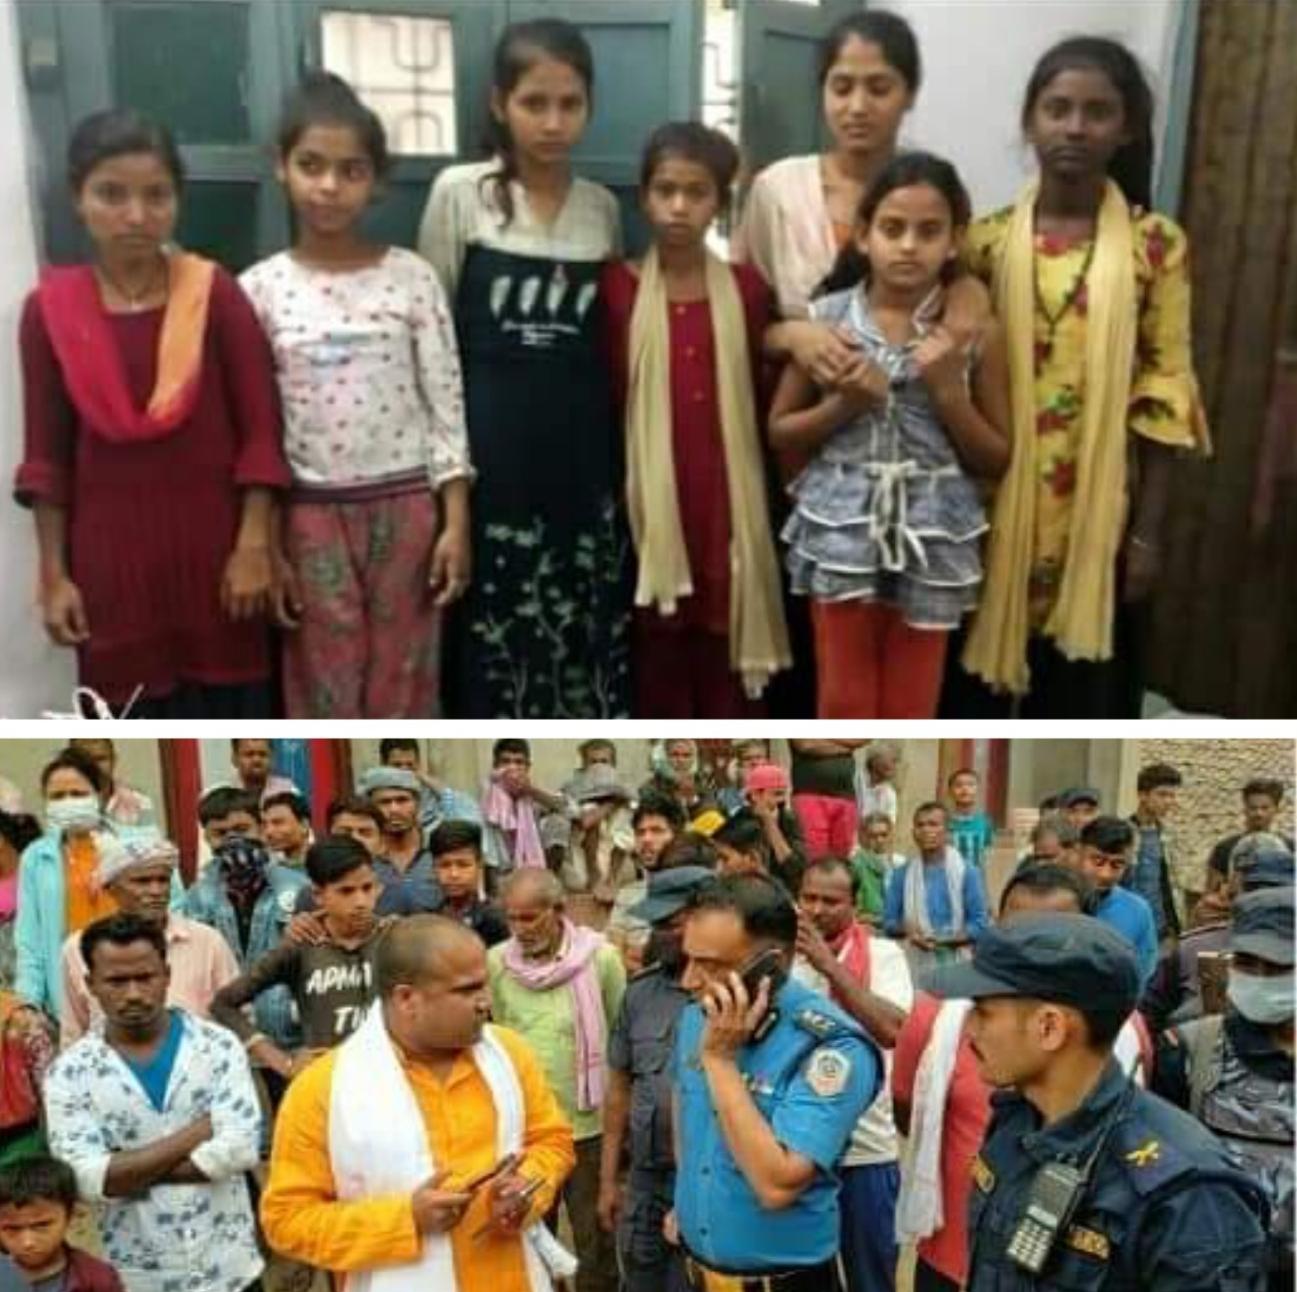 महोत्तरी बाट बेपत्ता परेको ७ बालिका–किशोरी भारतको सीतामढीमा भेटिएको मेयरको दावी